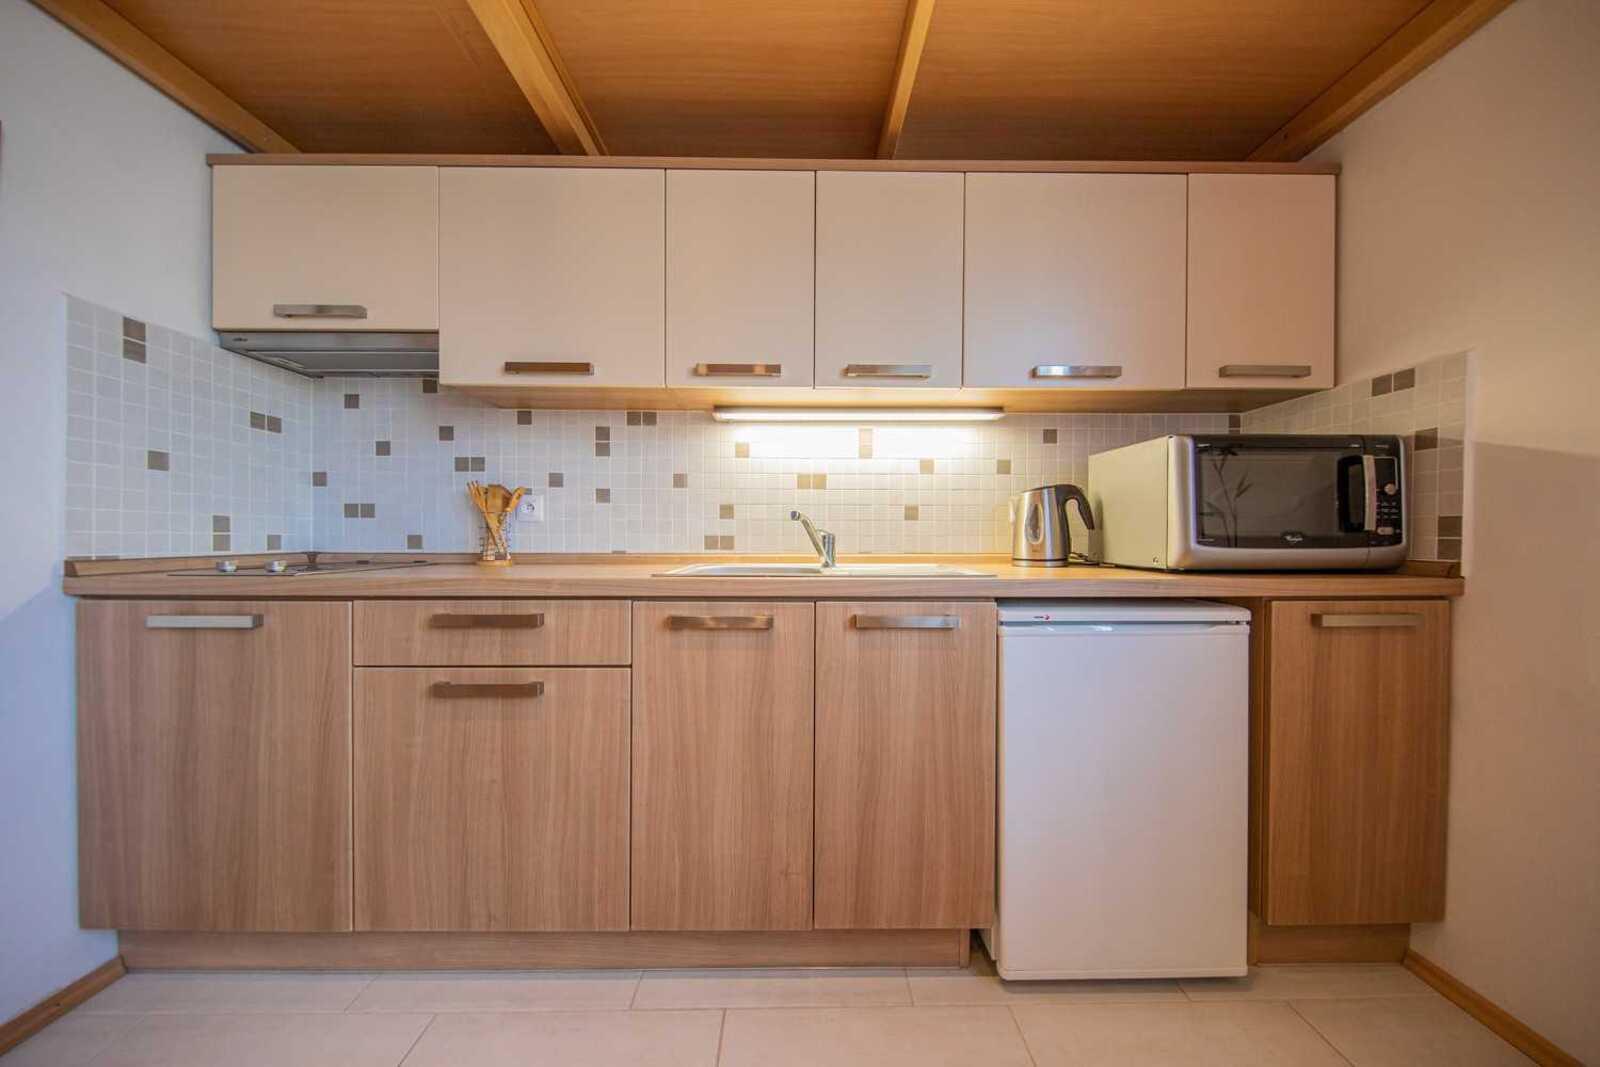 ubytování - apartmány Šídl v Černohorském sedle - kuchyň